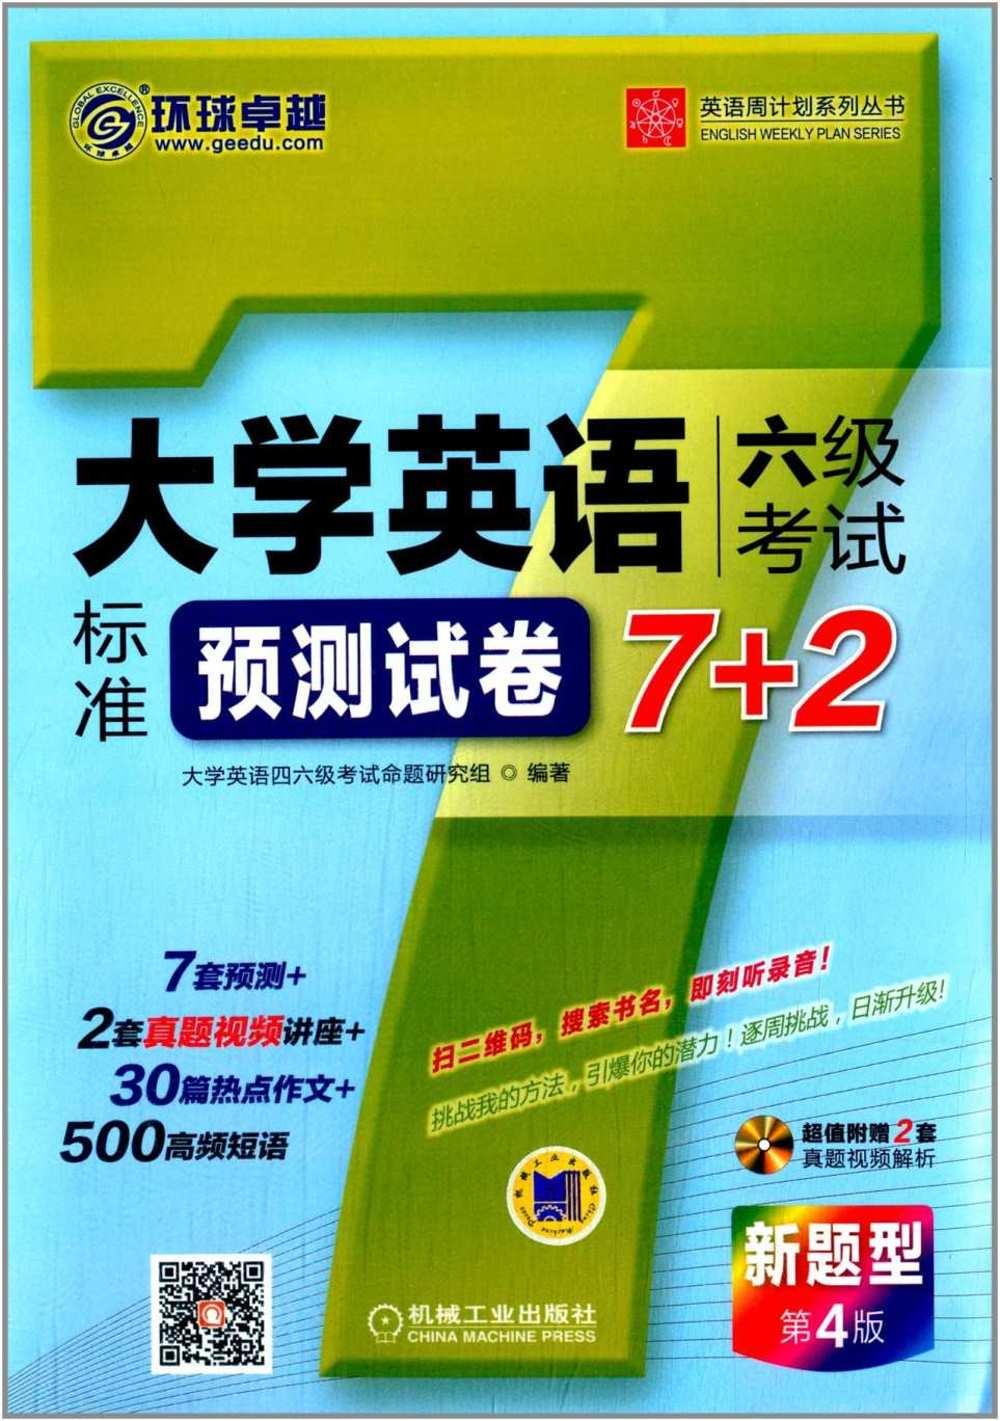 大學英語六級考試標准預測試卷7 2^(第4版^)